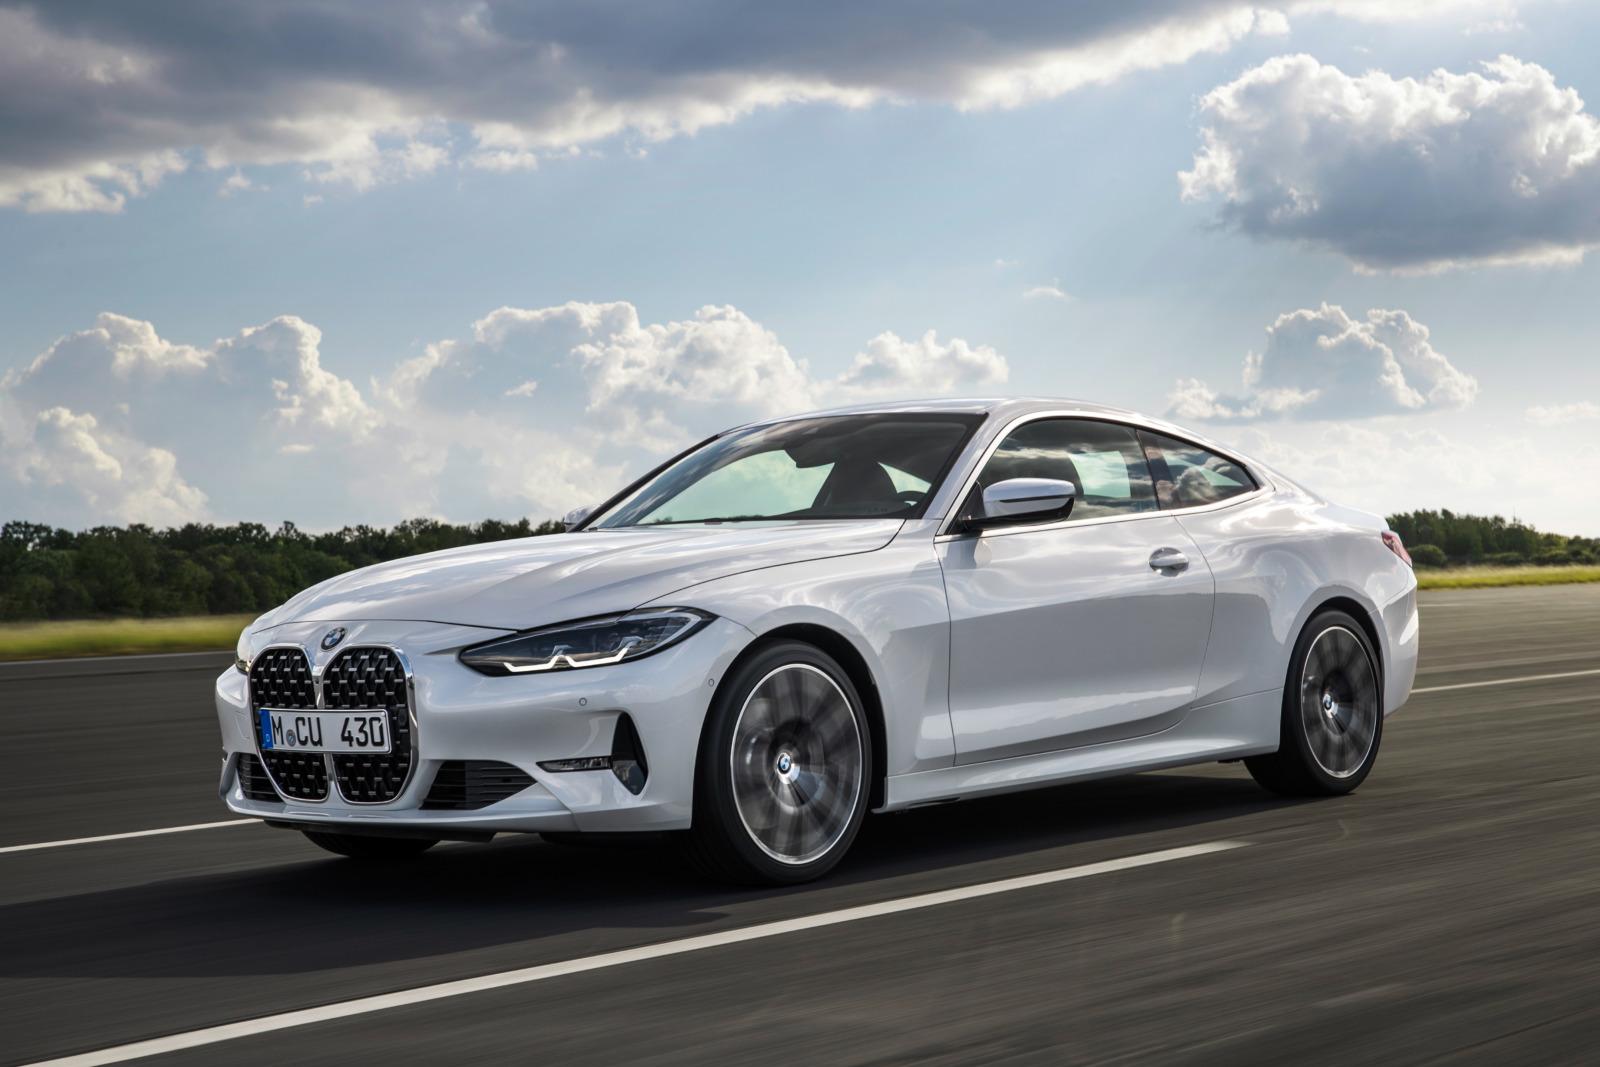 新型BMW 4シリーズ クーペが世界初公開! 最新のキドニーグリルをまとって2020年秋に発売予定